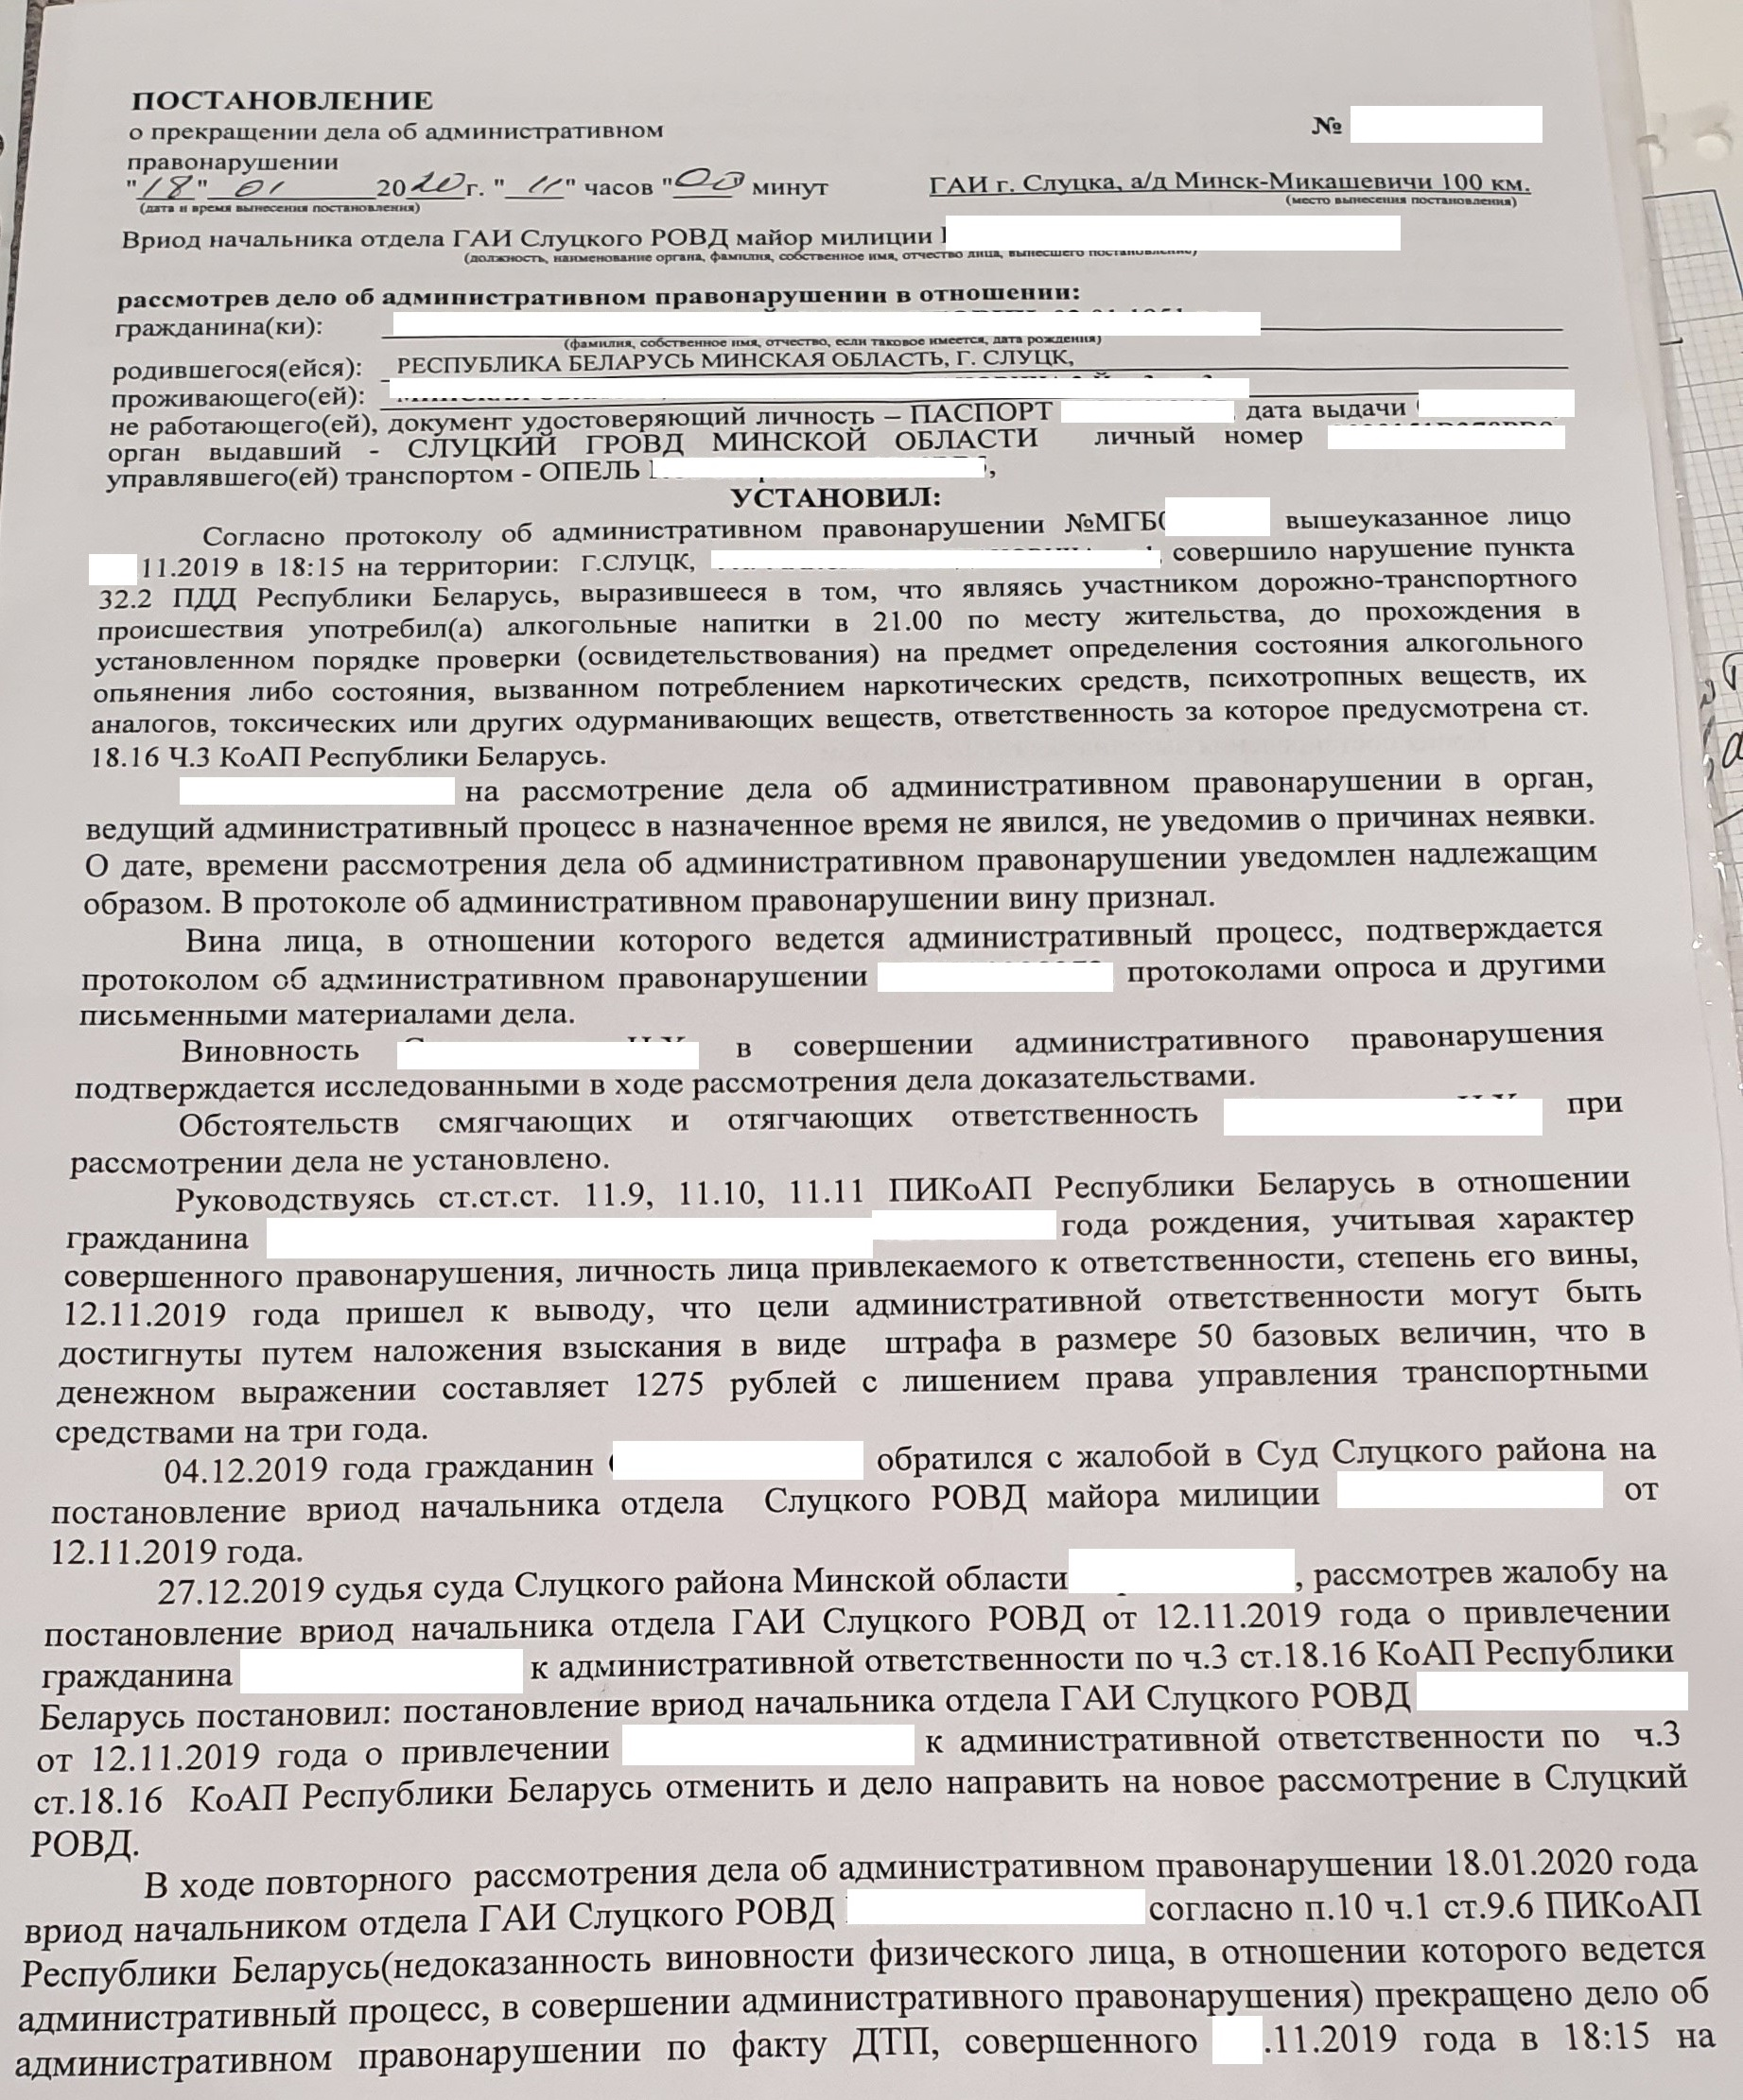 постановление о прекращении дела по ч.3 ст.18.16 КоАП